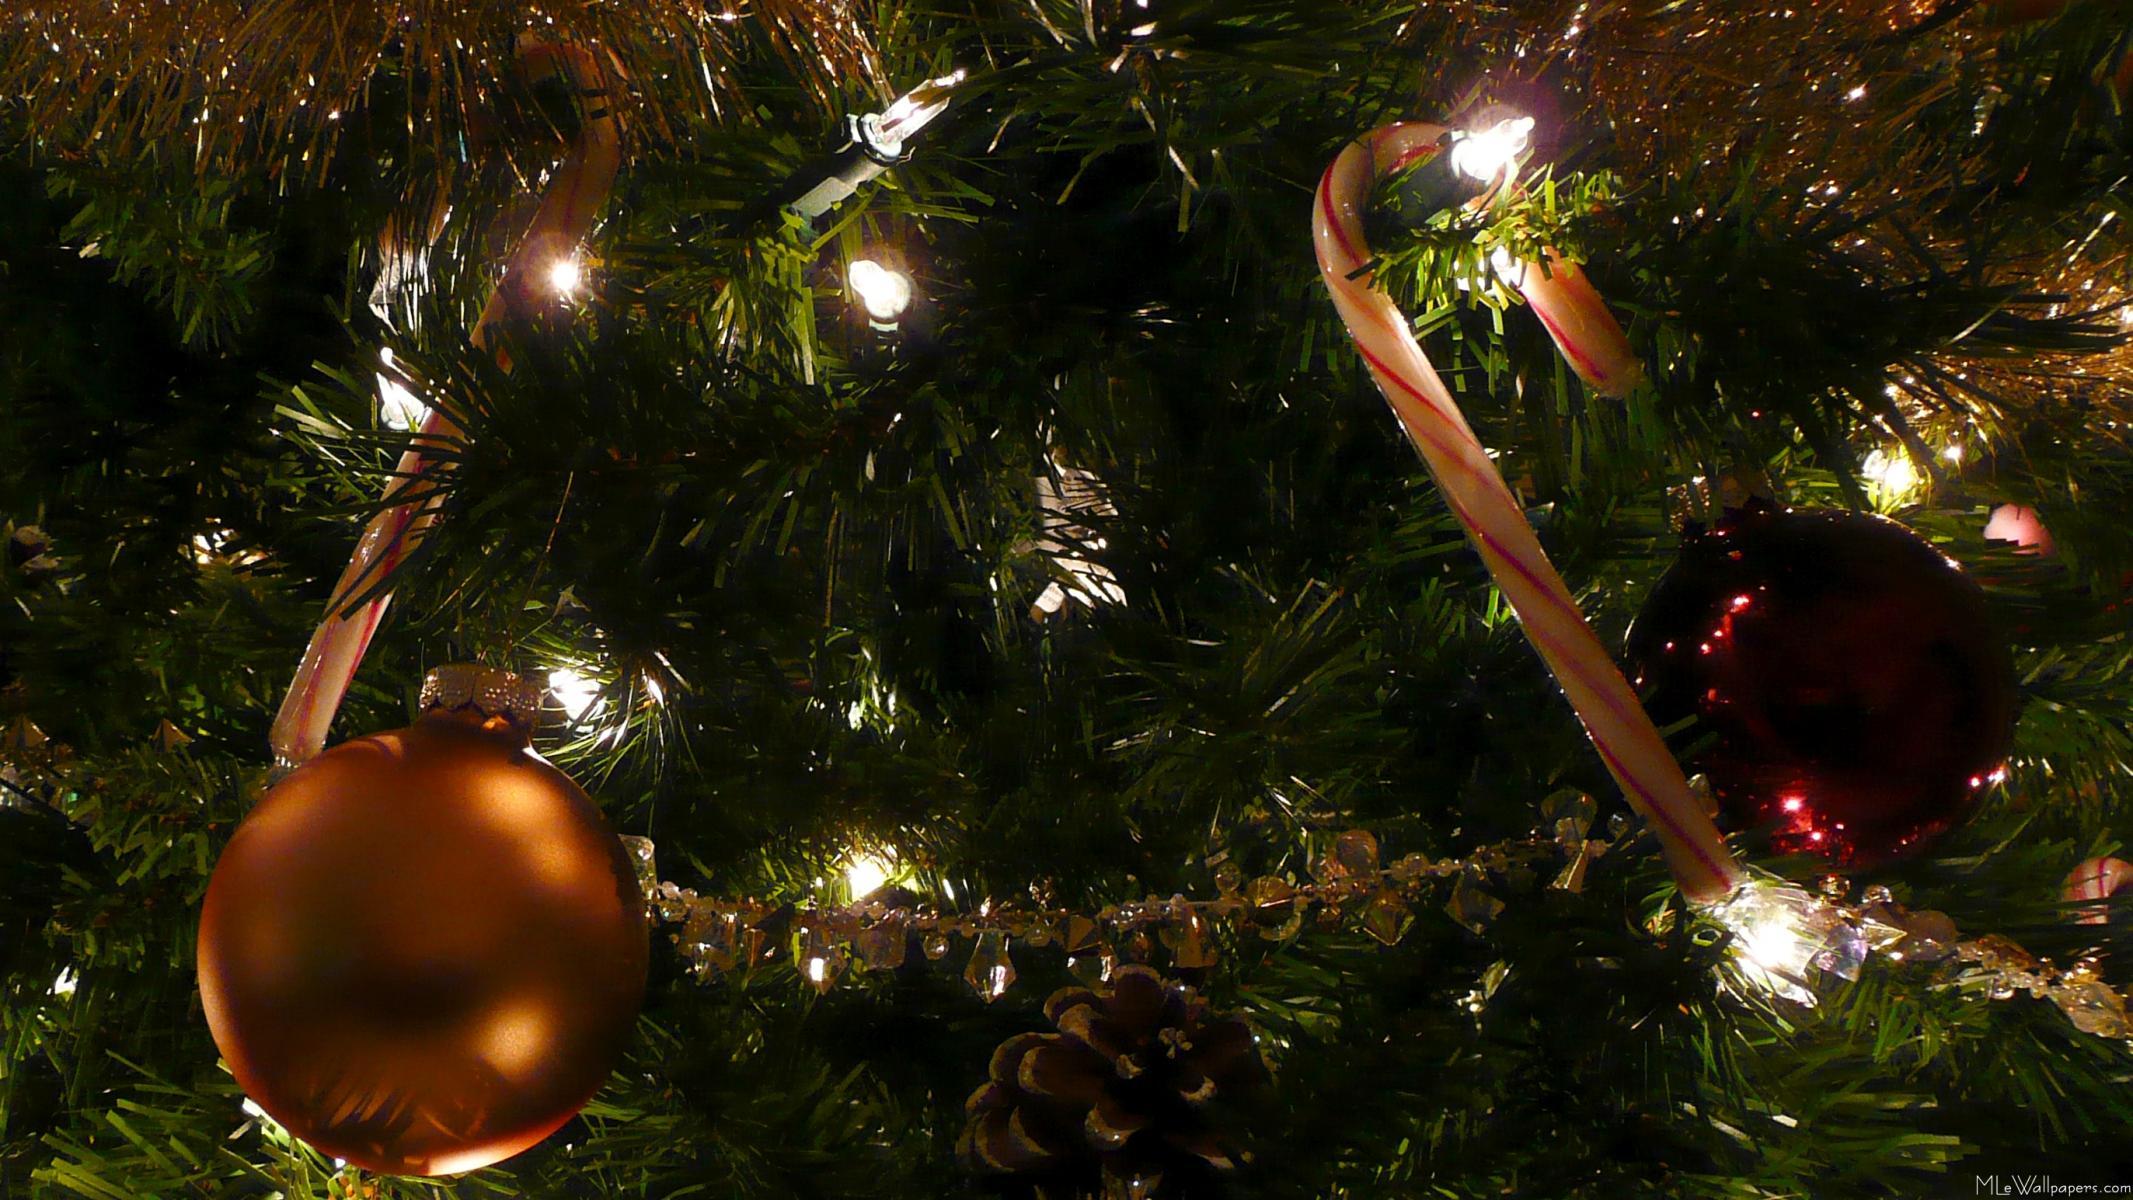 фотообои на рабочий стол новогодние про елку